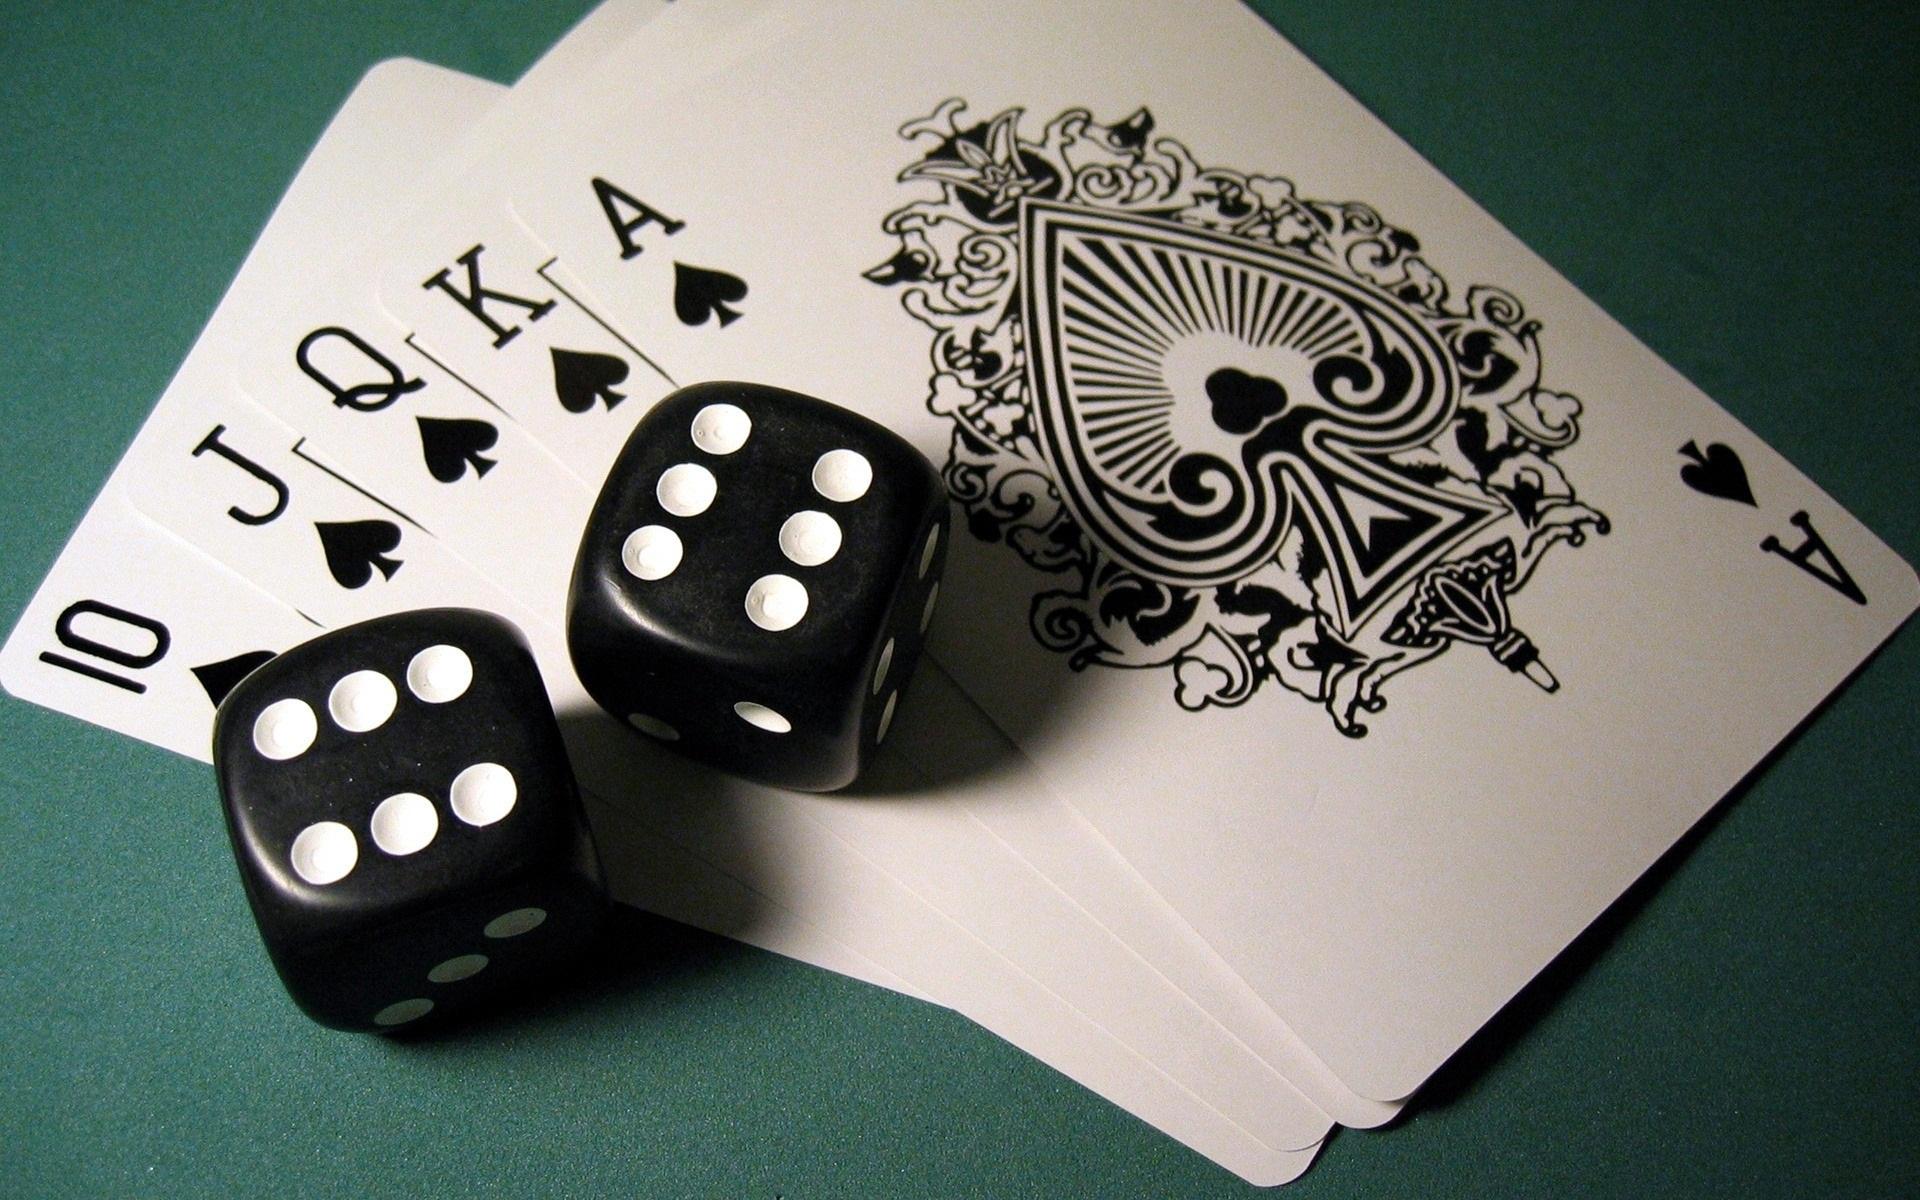 Атрибуты азартных игр